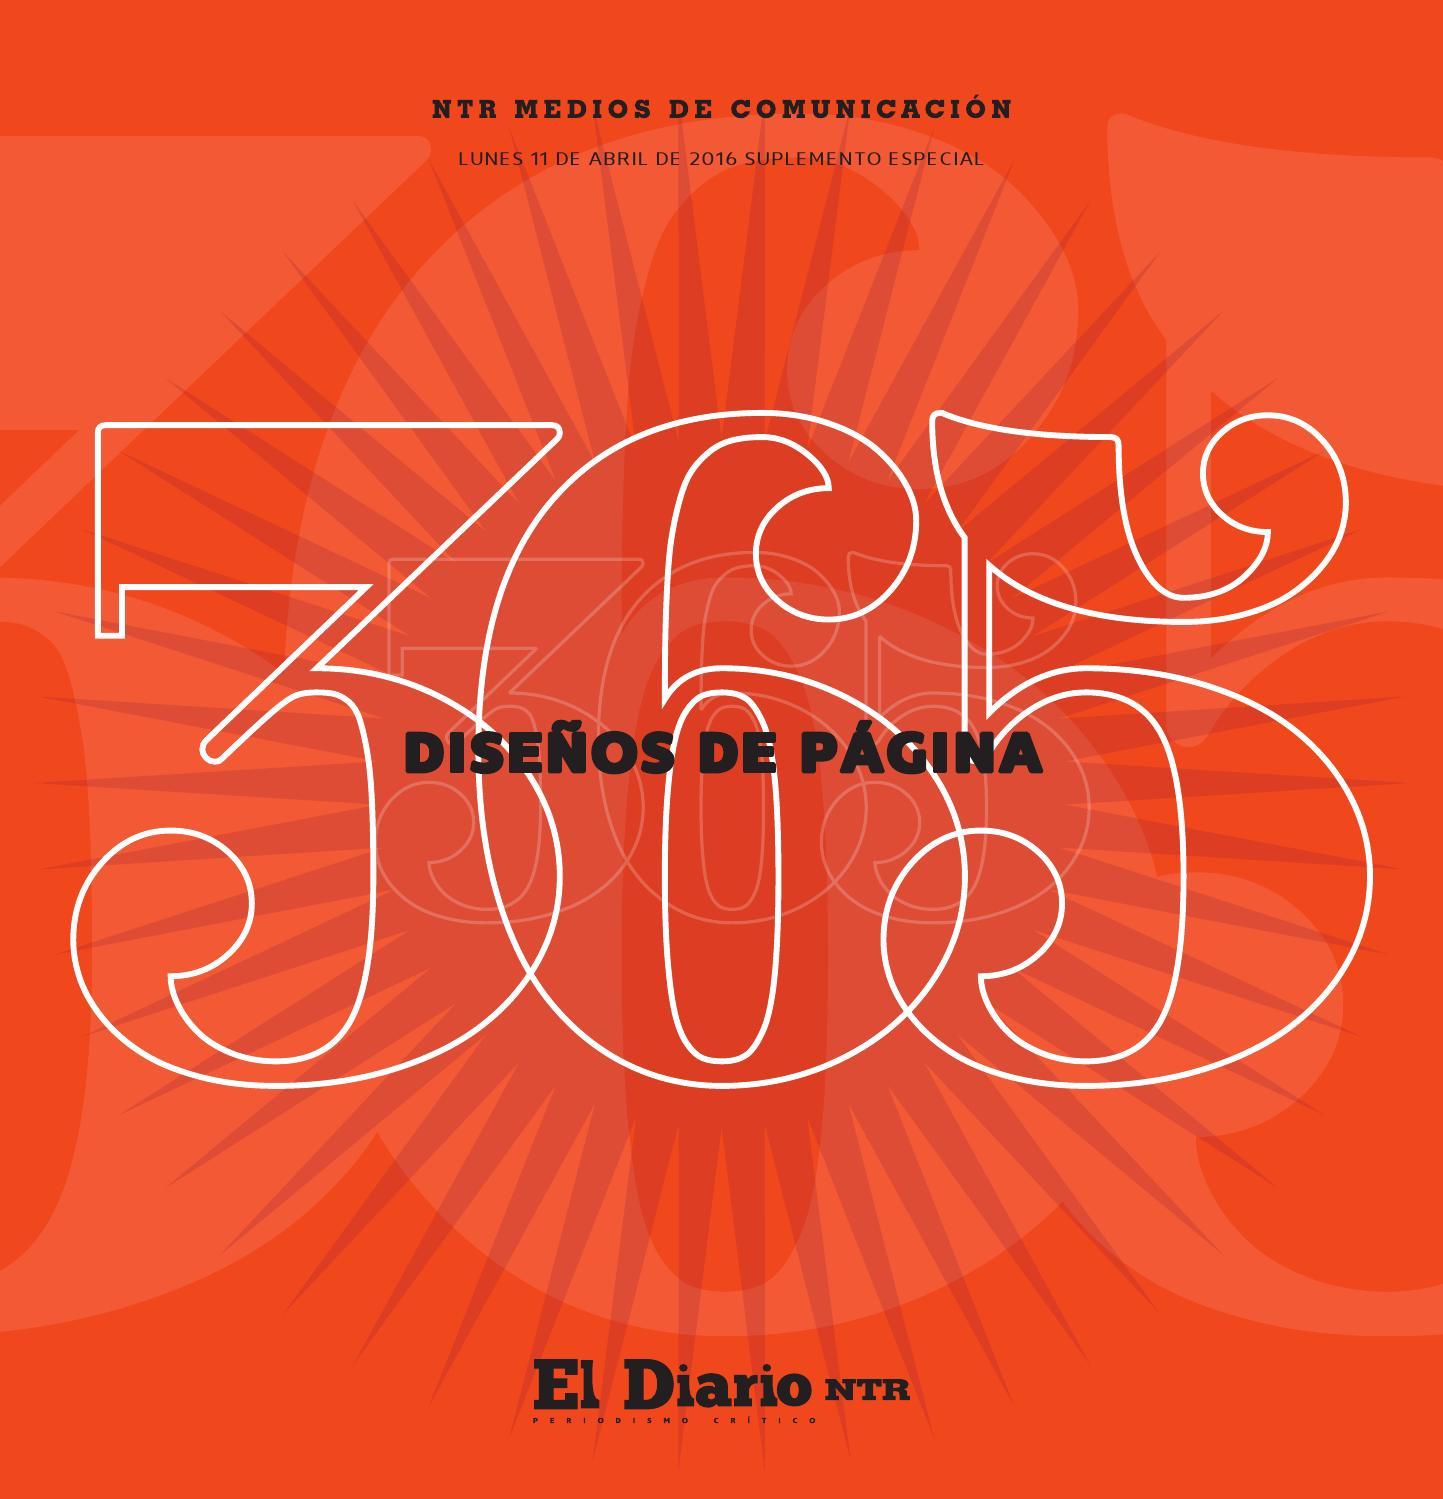 b5237f1506 365 diseños de página by NTR Guadalajara - issuu